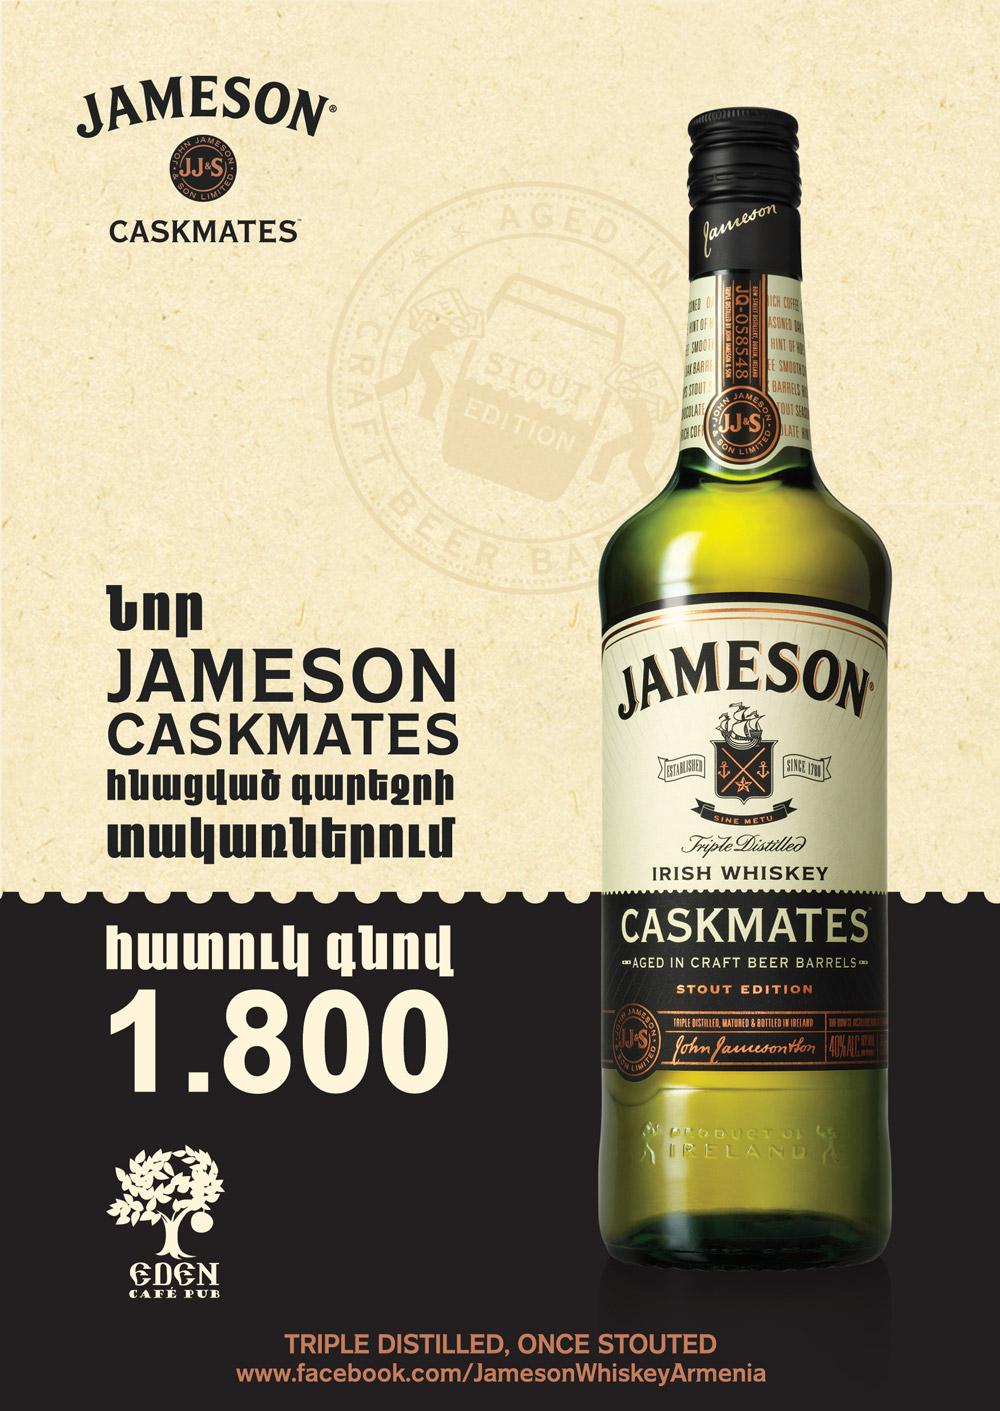 Jameson-Caskmates_pubs_3